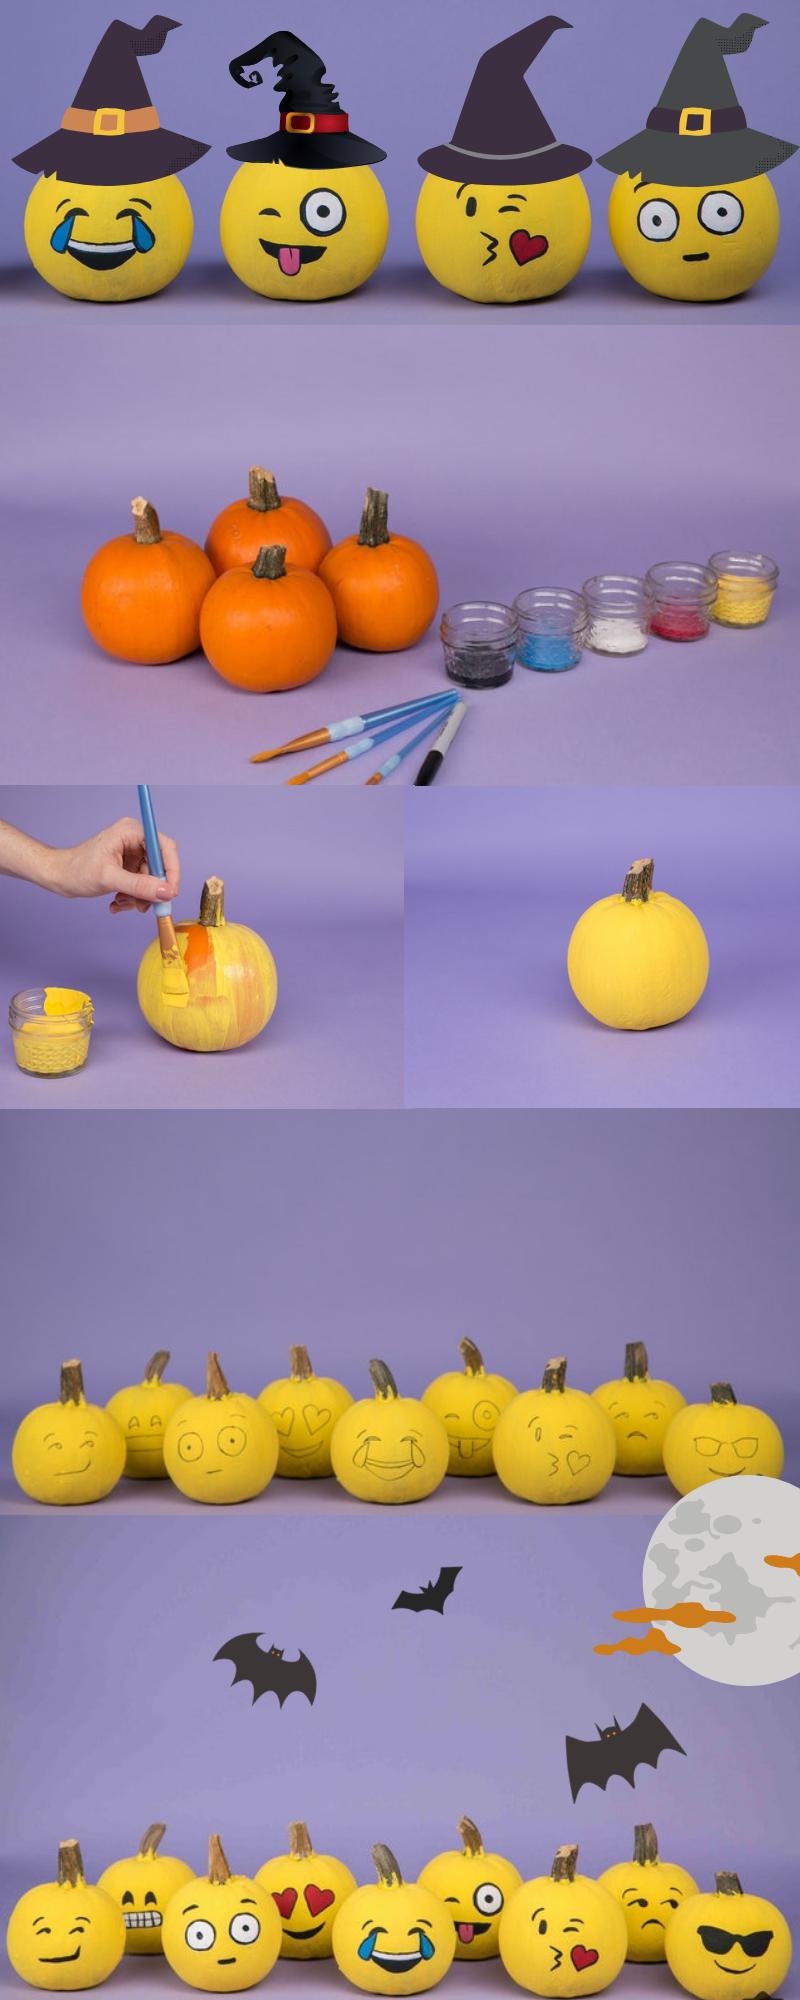 Halloween Kürbis Vorlagen zum Malen:Das Spiel der Farben ist eröffnet